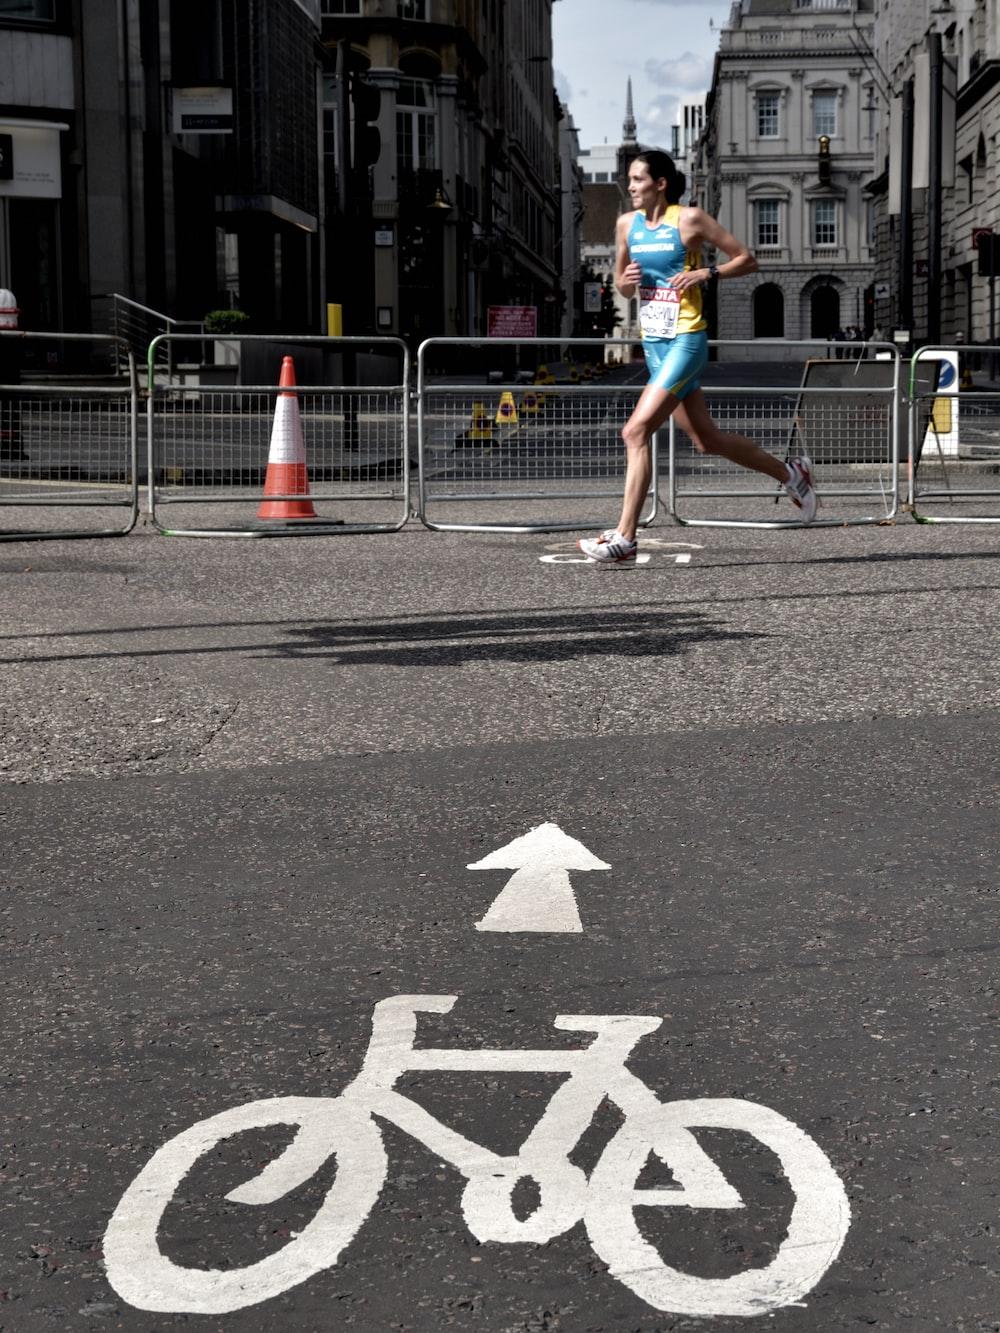 woman running on gray concrete pavement taken at daytime